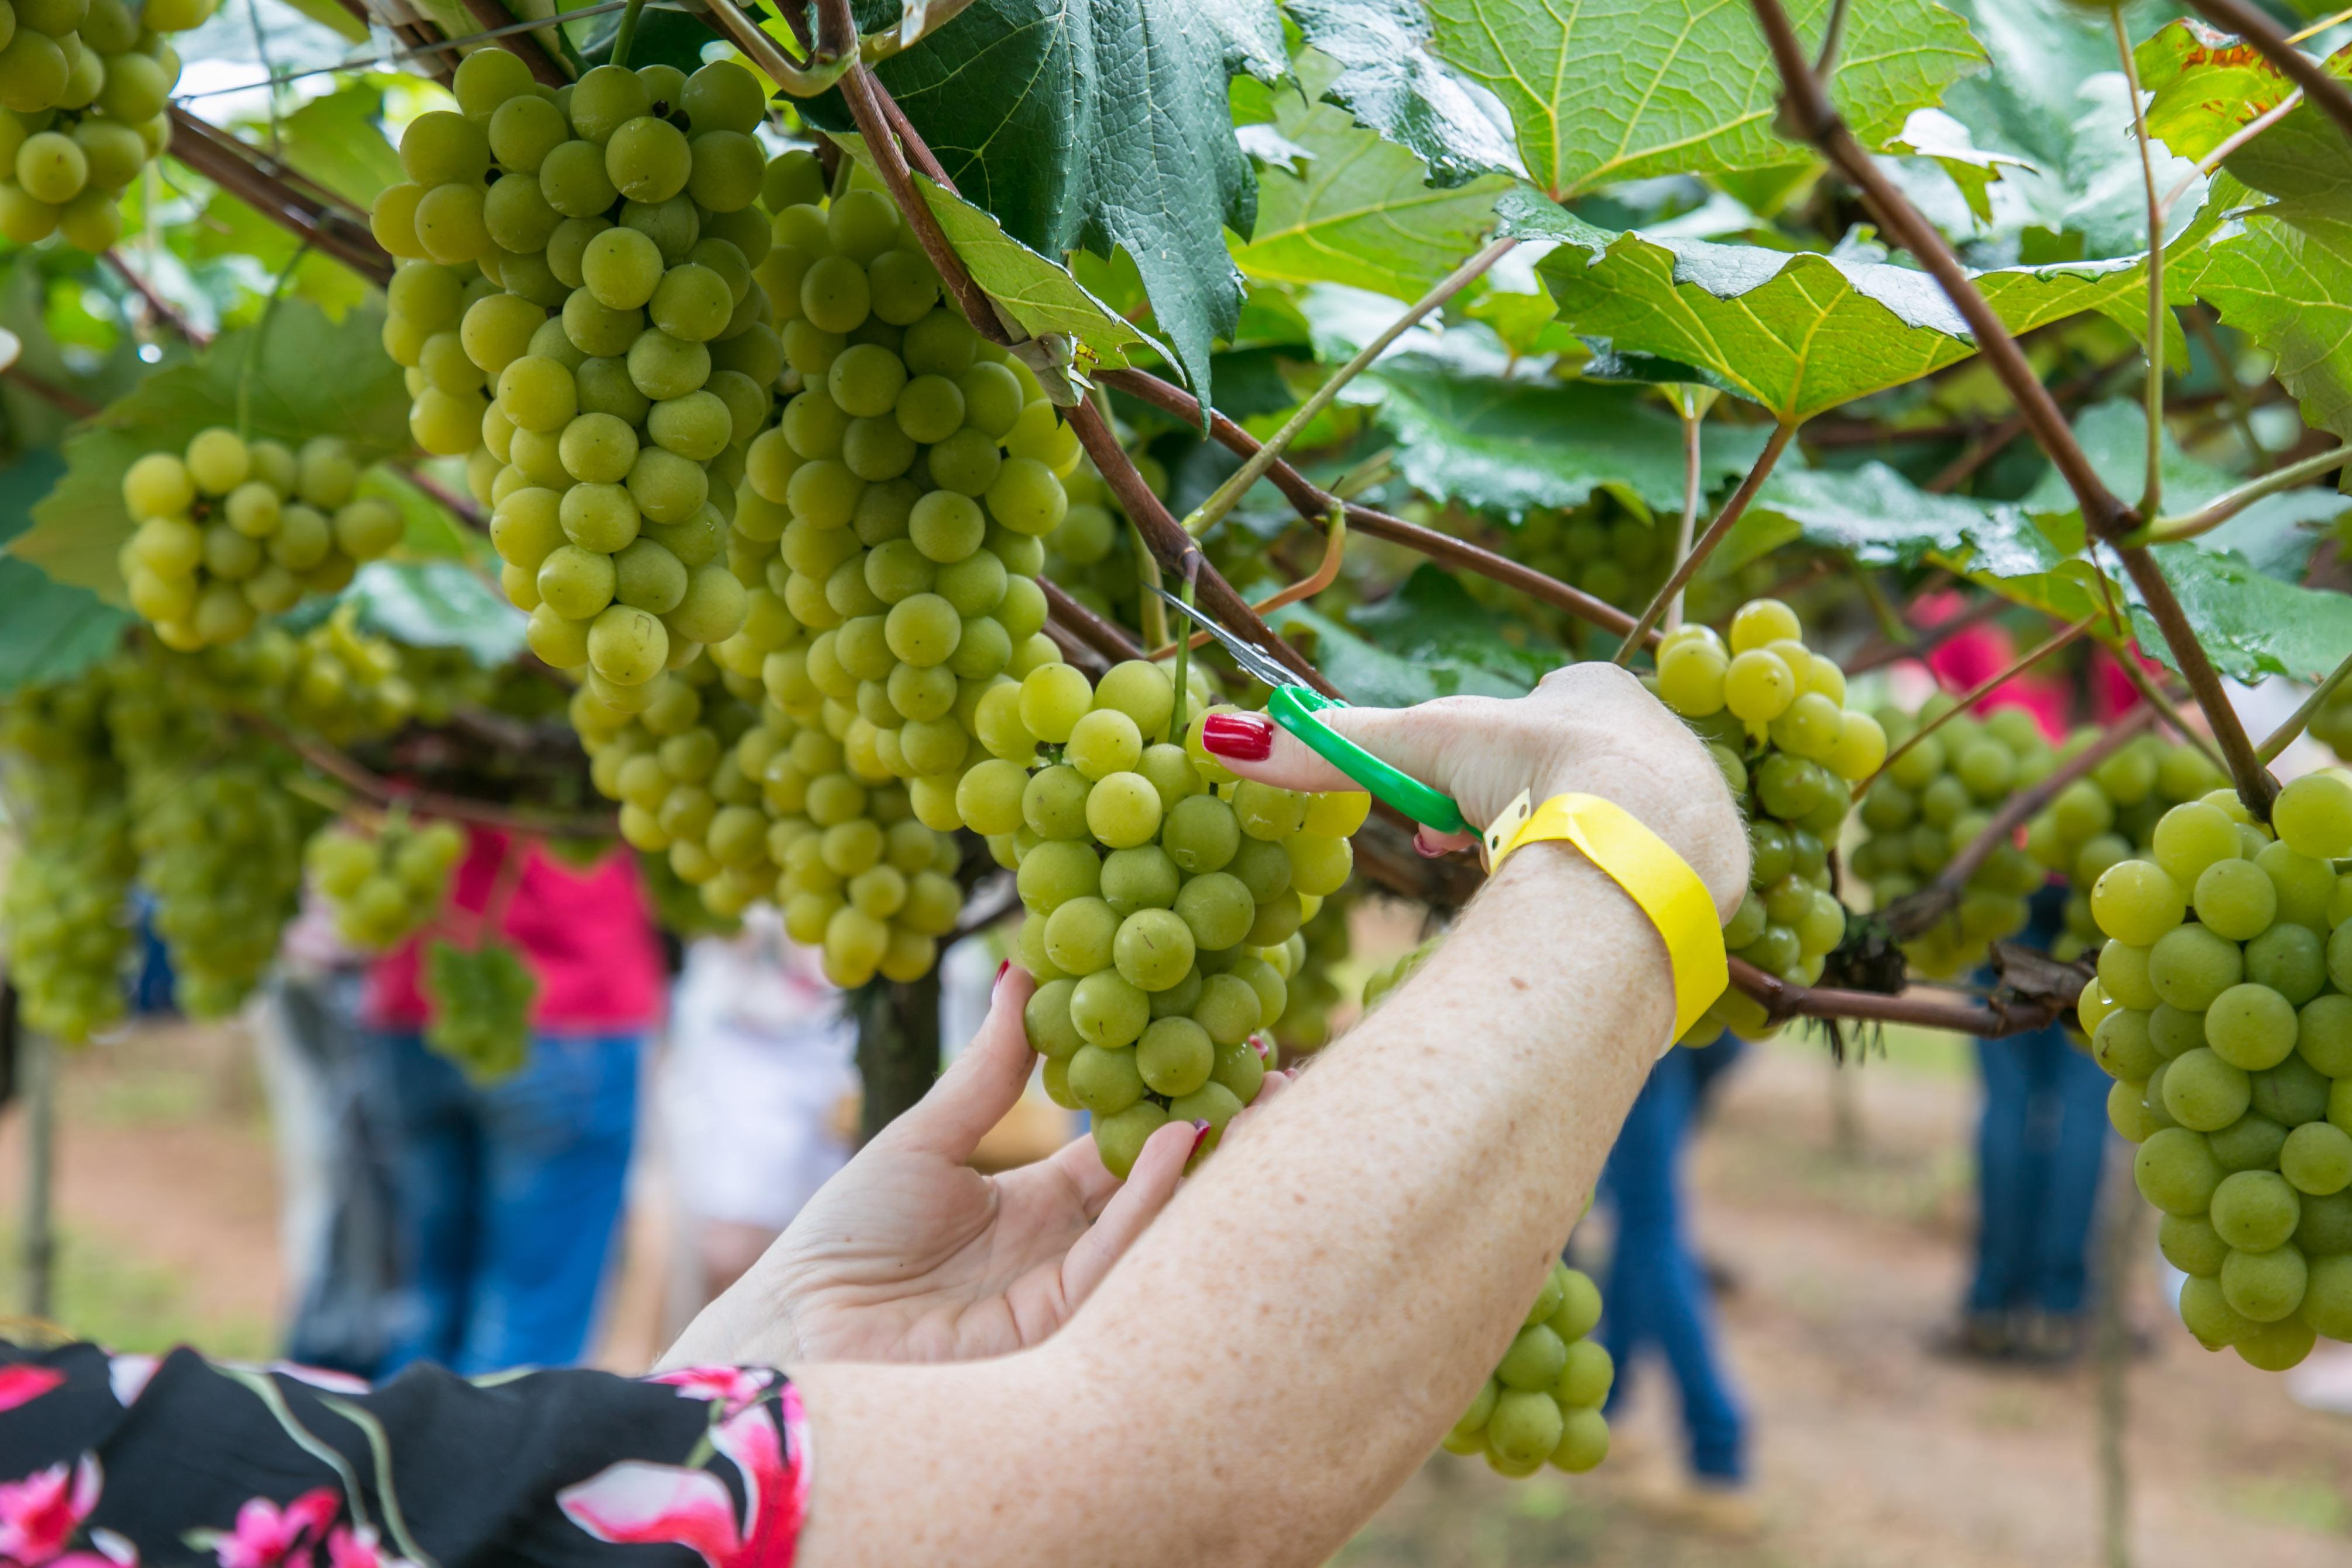 A experiência transformadora de participar da colheita de uva